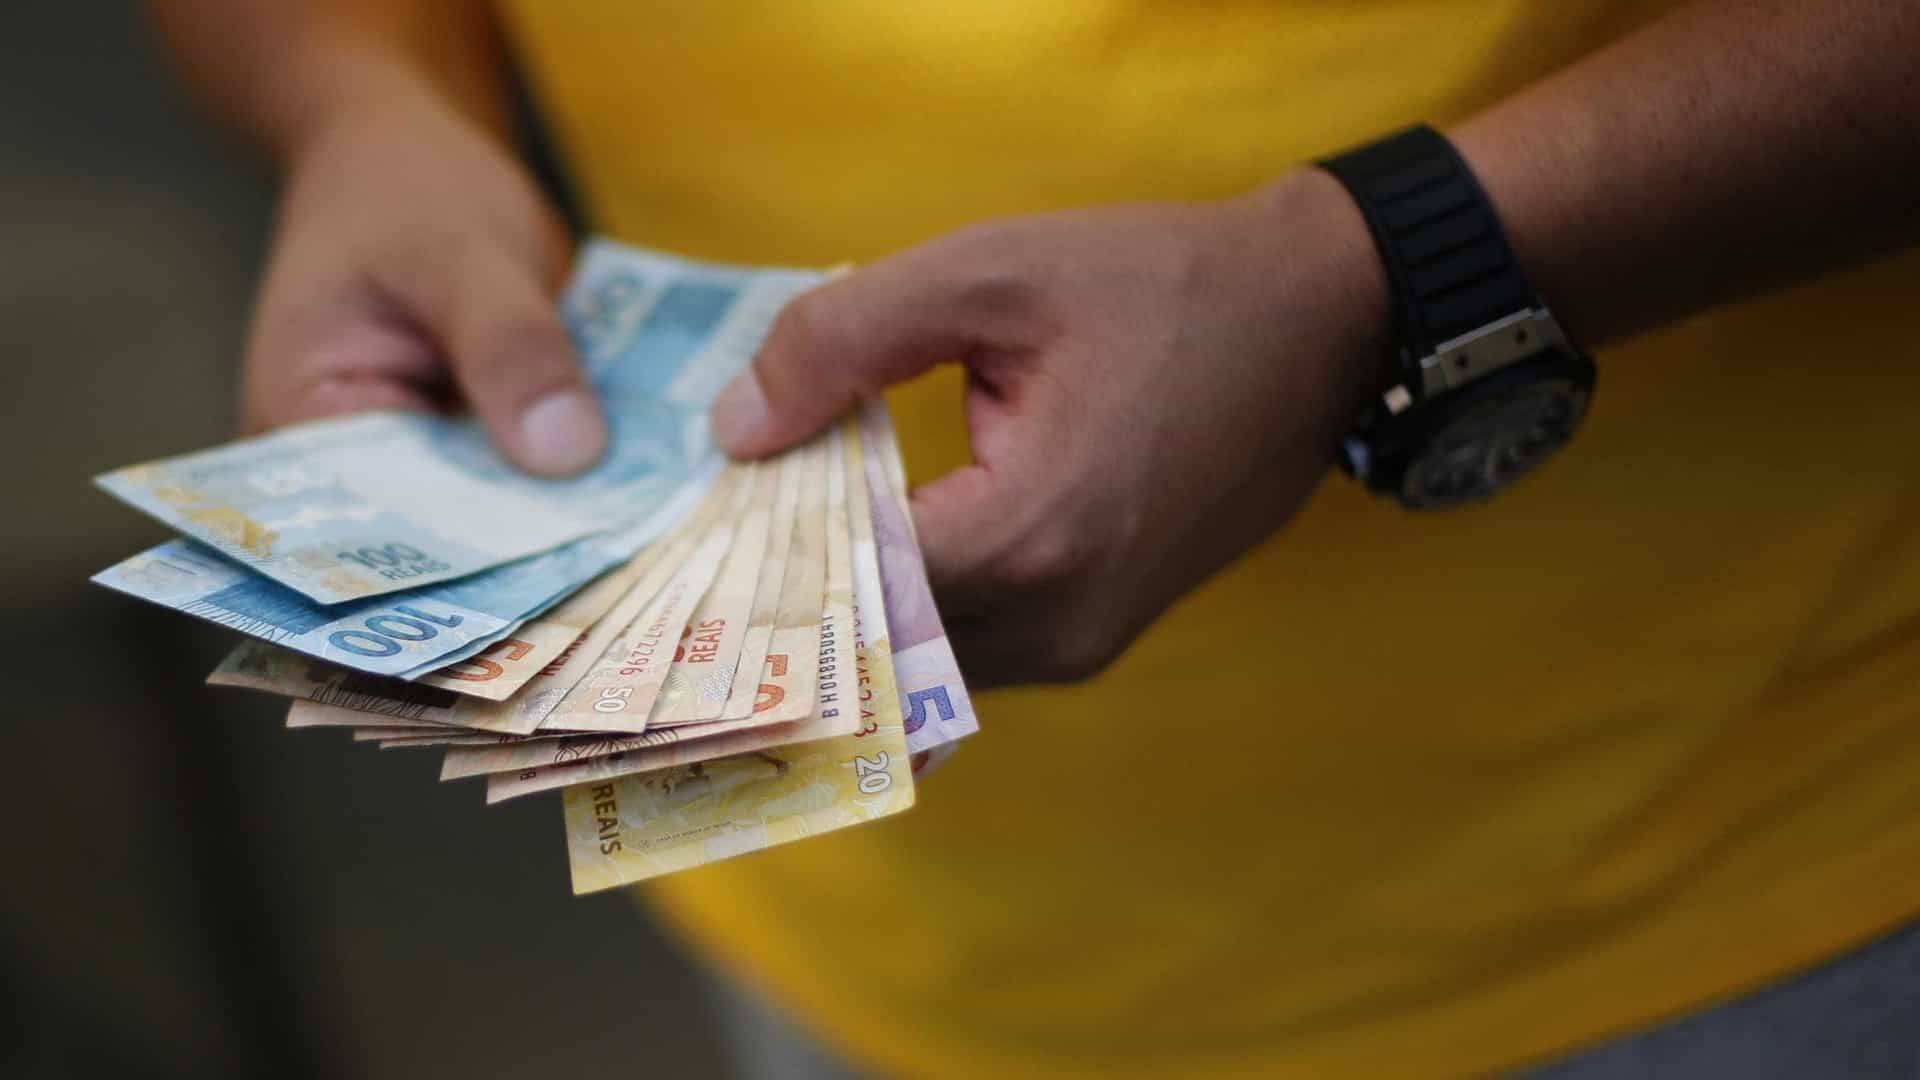 Banco Central estuda permitir saque de dinheiro em comércios